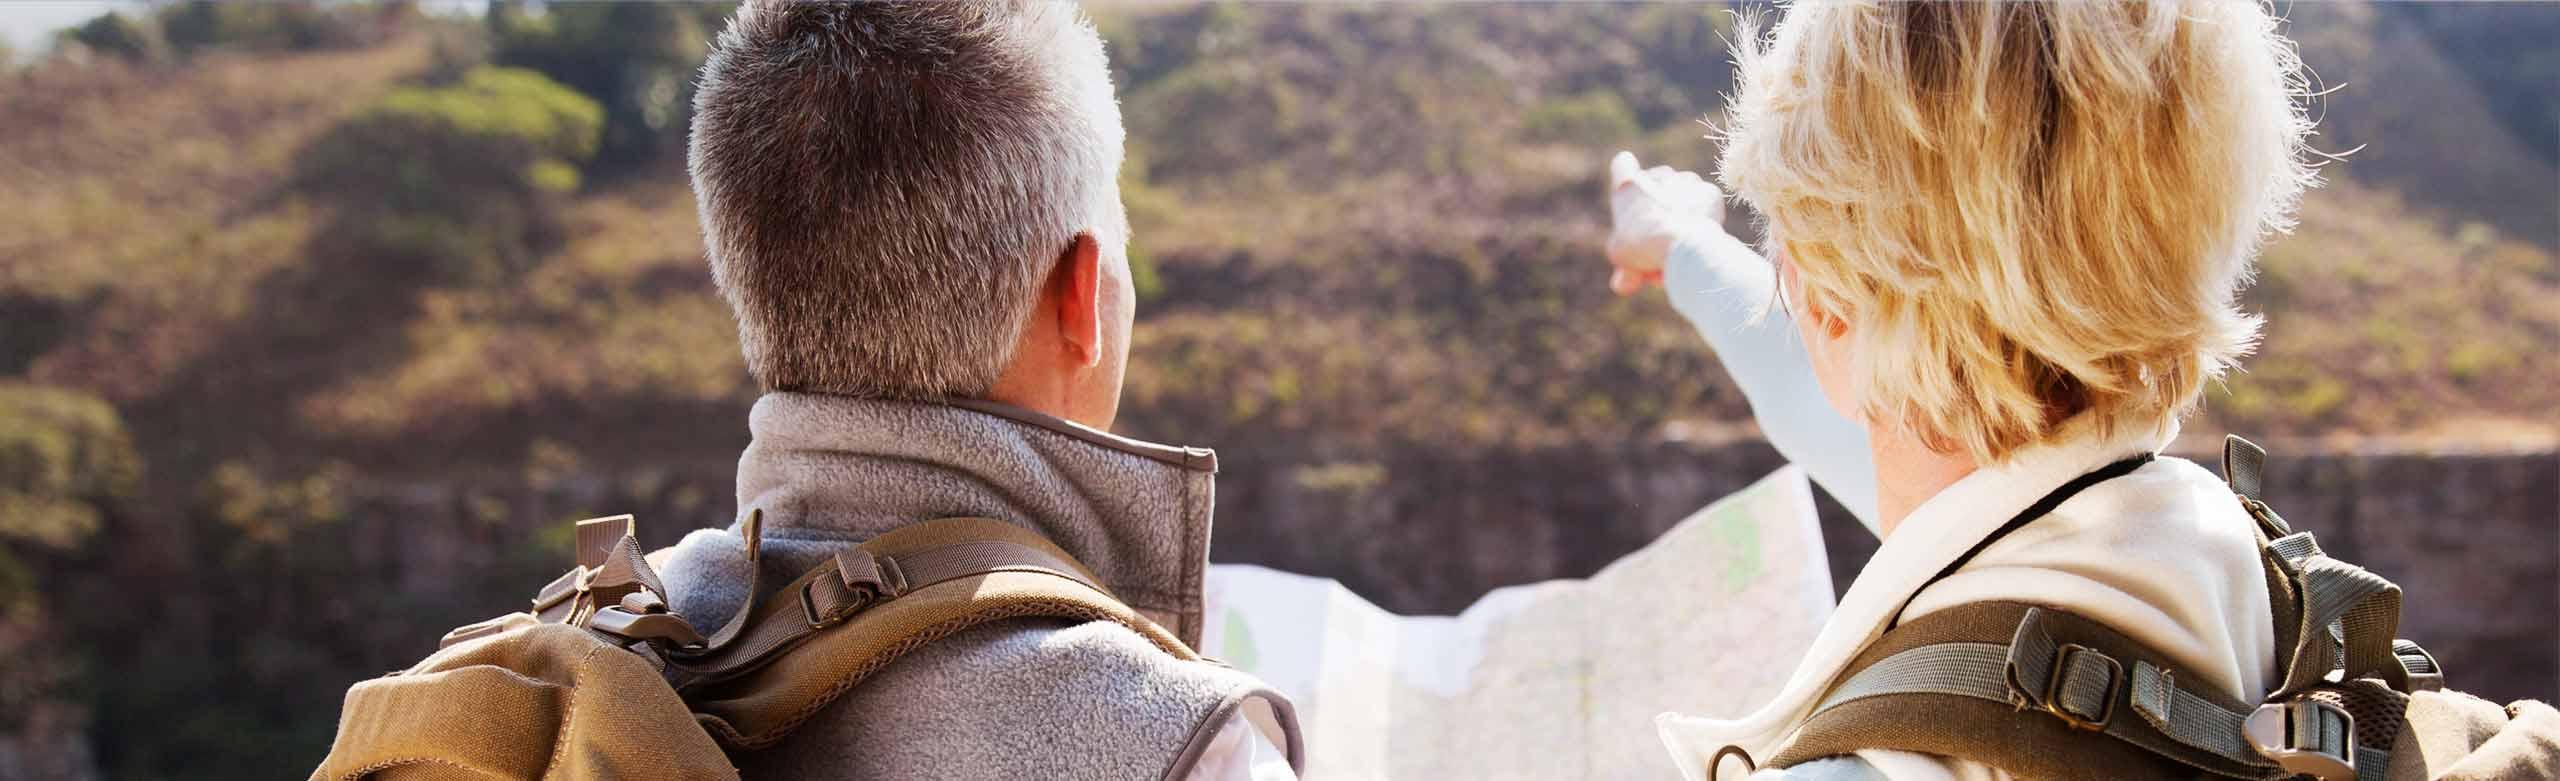 Imagen de una pareja que consulta un mapa.